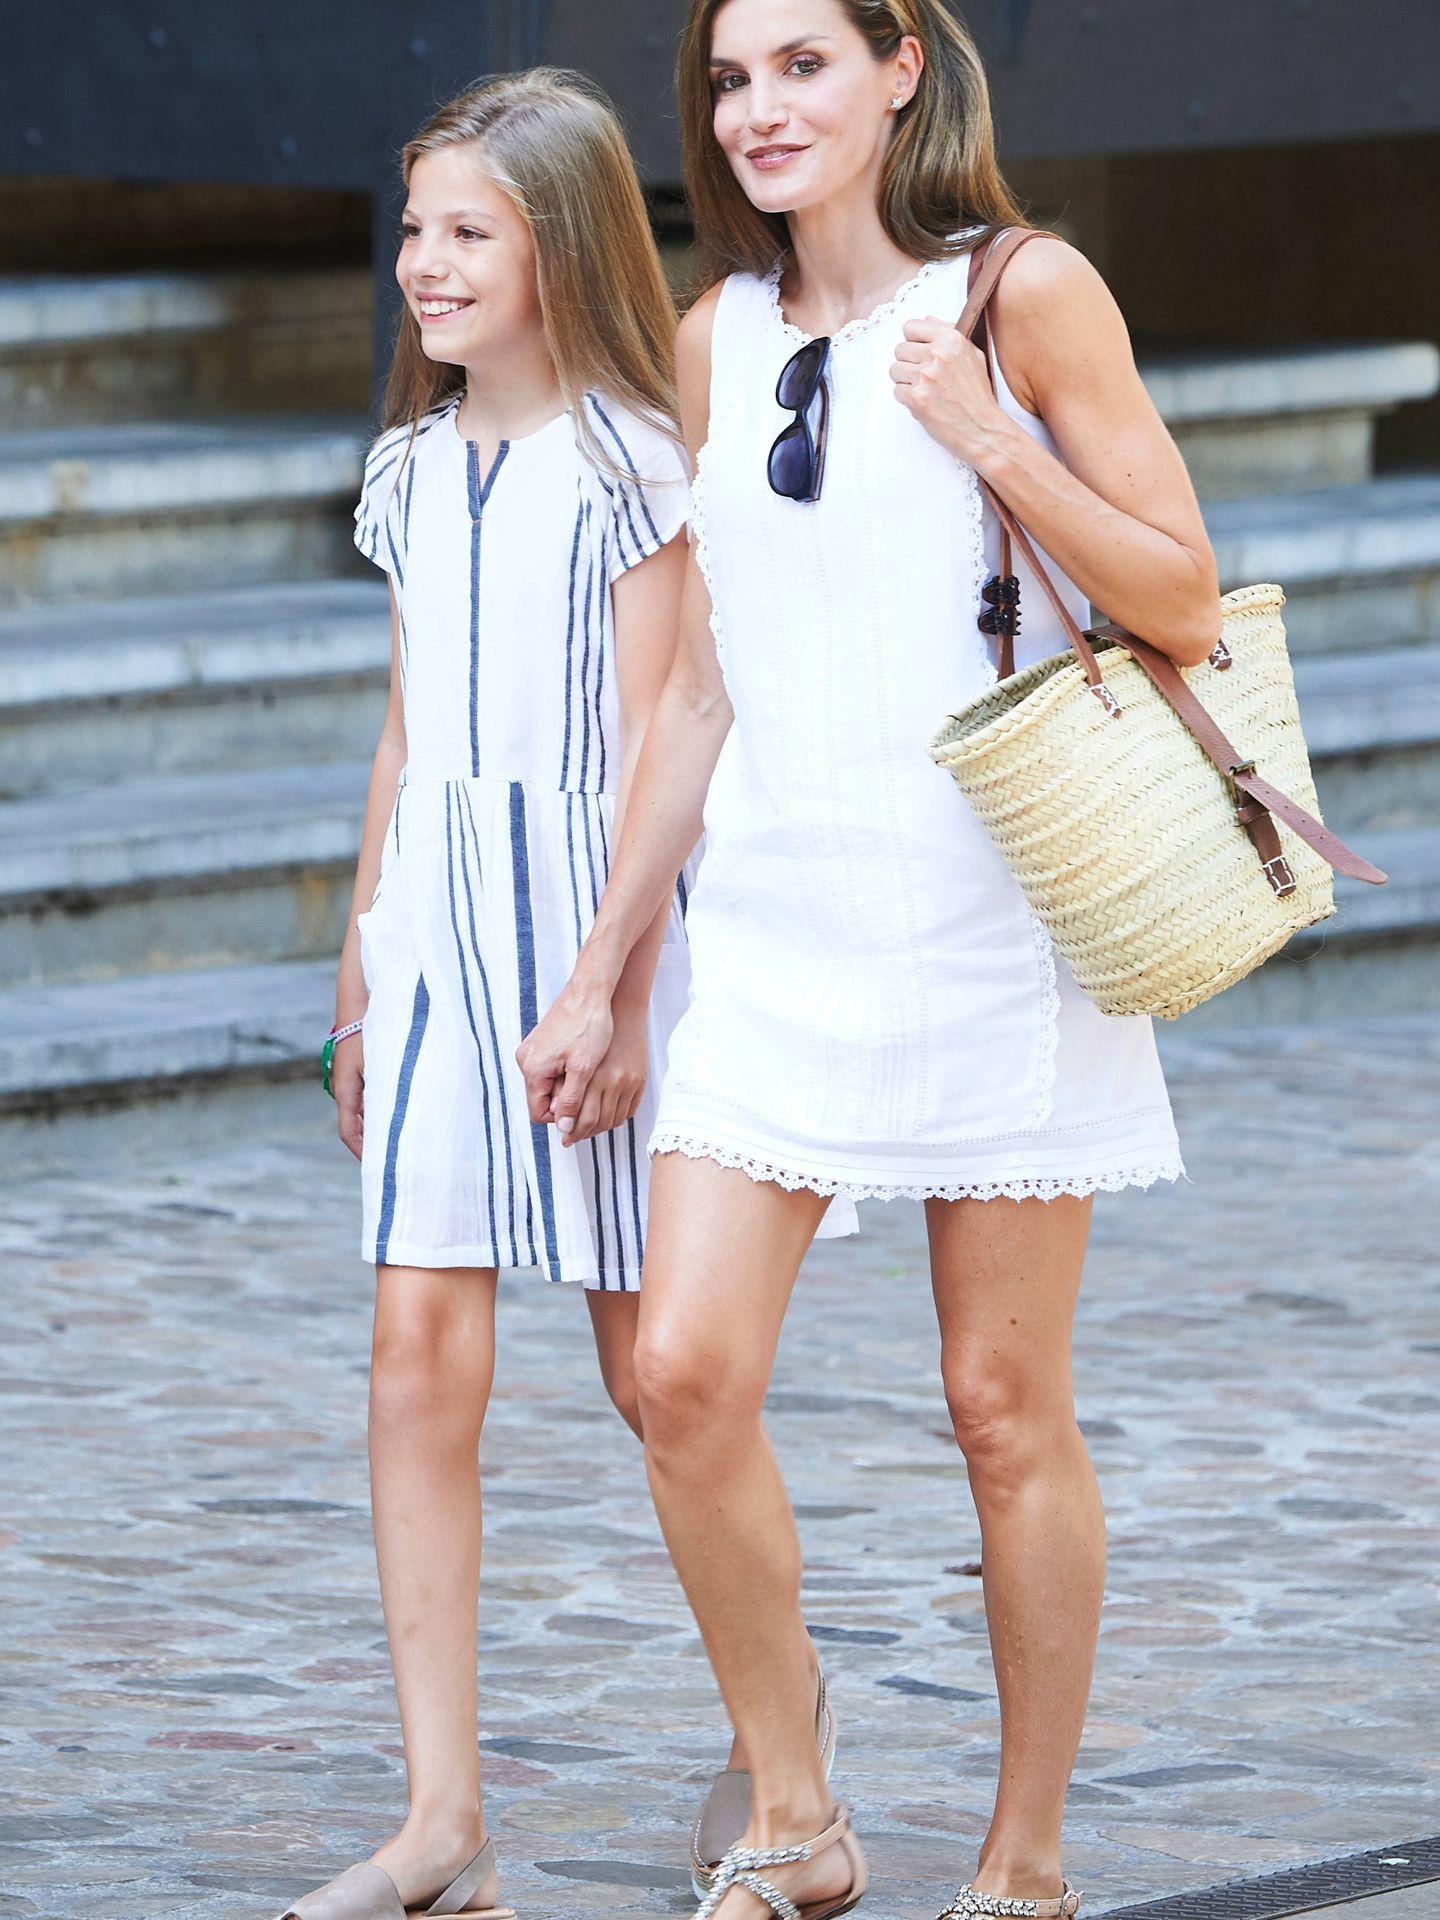 La reina Letizia, paseando por las calles de Mallorca el verano pasado justo a su hija, la princesa Sofía. (Limited Pictures)